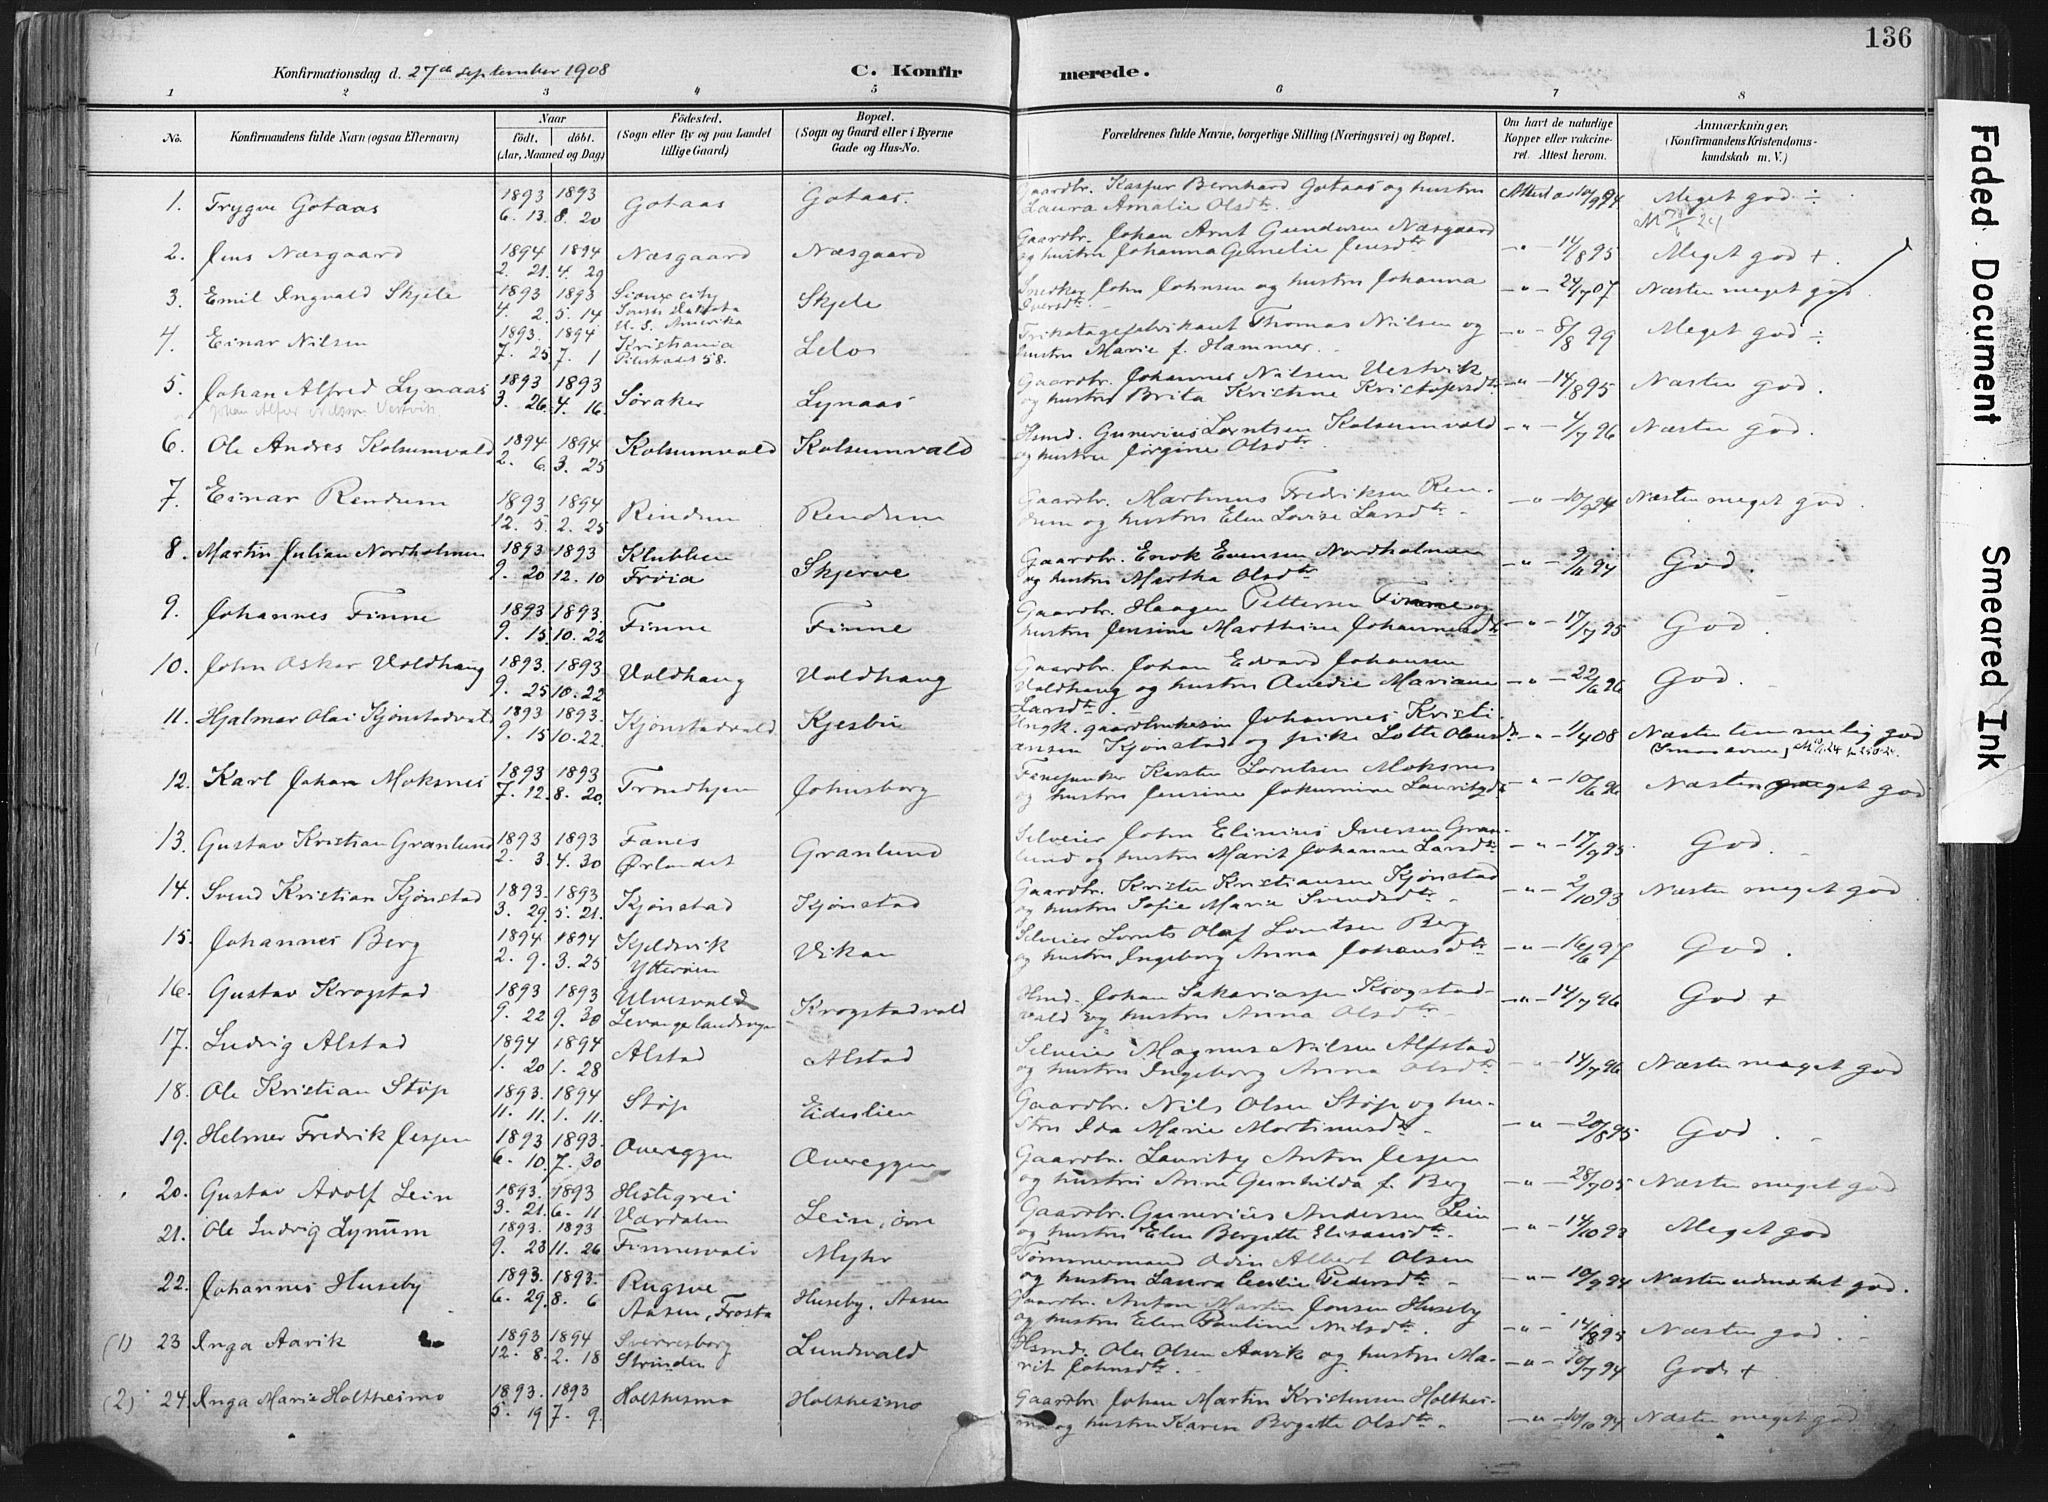 SAT, Ministerialprotokoller, klokkerbøker og fødselsregistre - Nord-Trøndelag, 717/L0162: Ministerialbok nr. 717A12, 1898-1923, s. 136